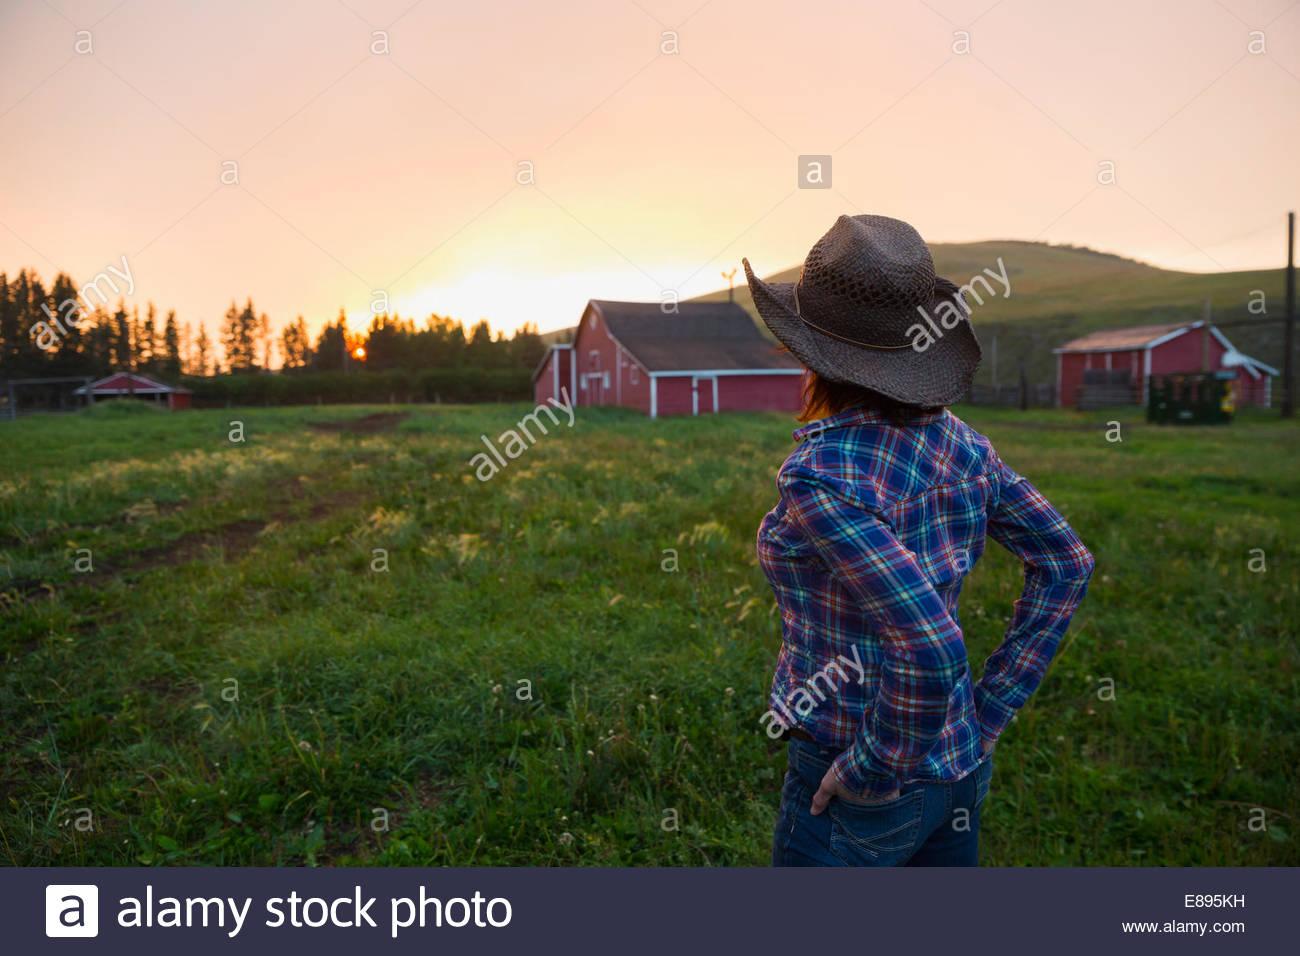 Femme au chapeau de cowboy en regardant le coucher de soleil sur barn Photo Stock